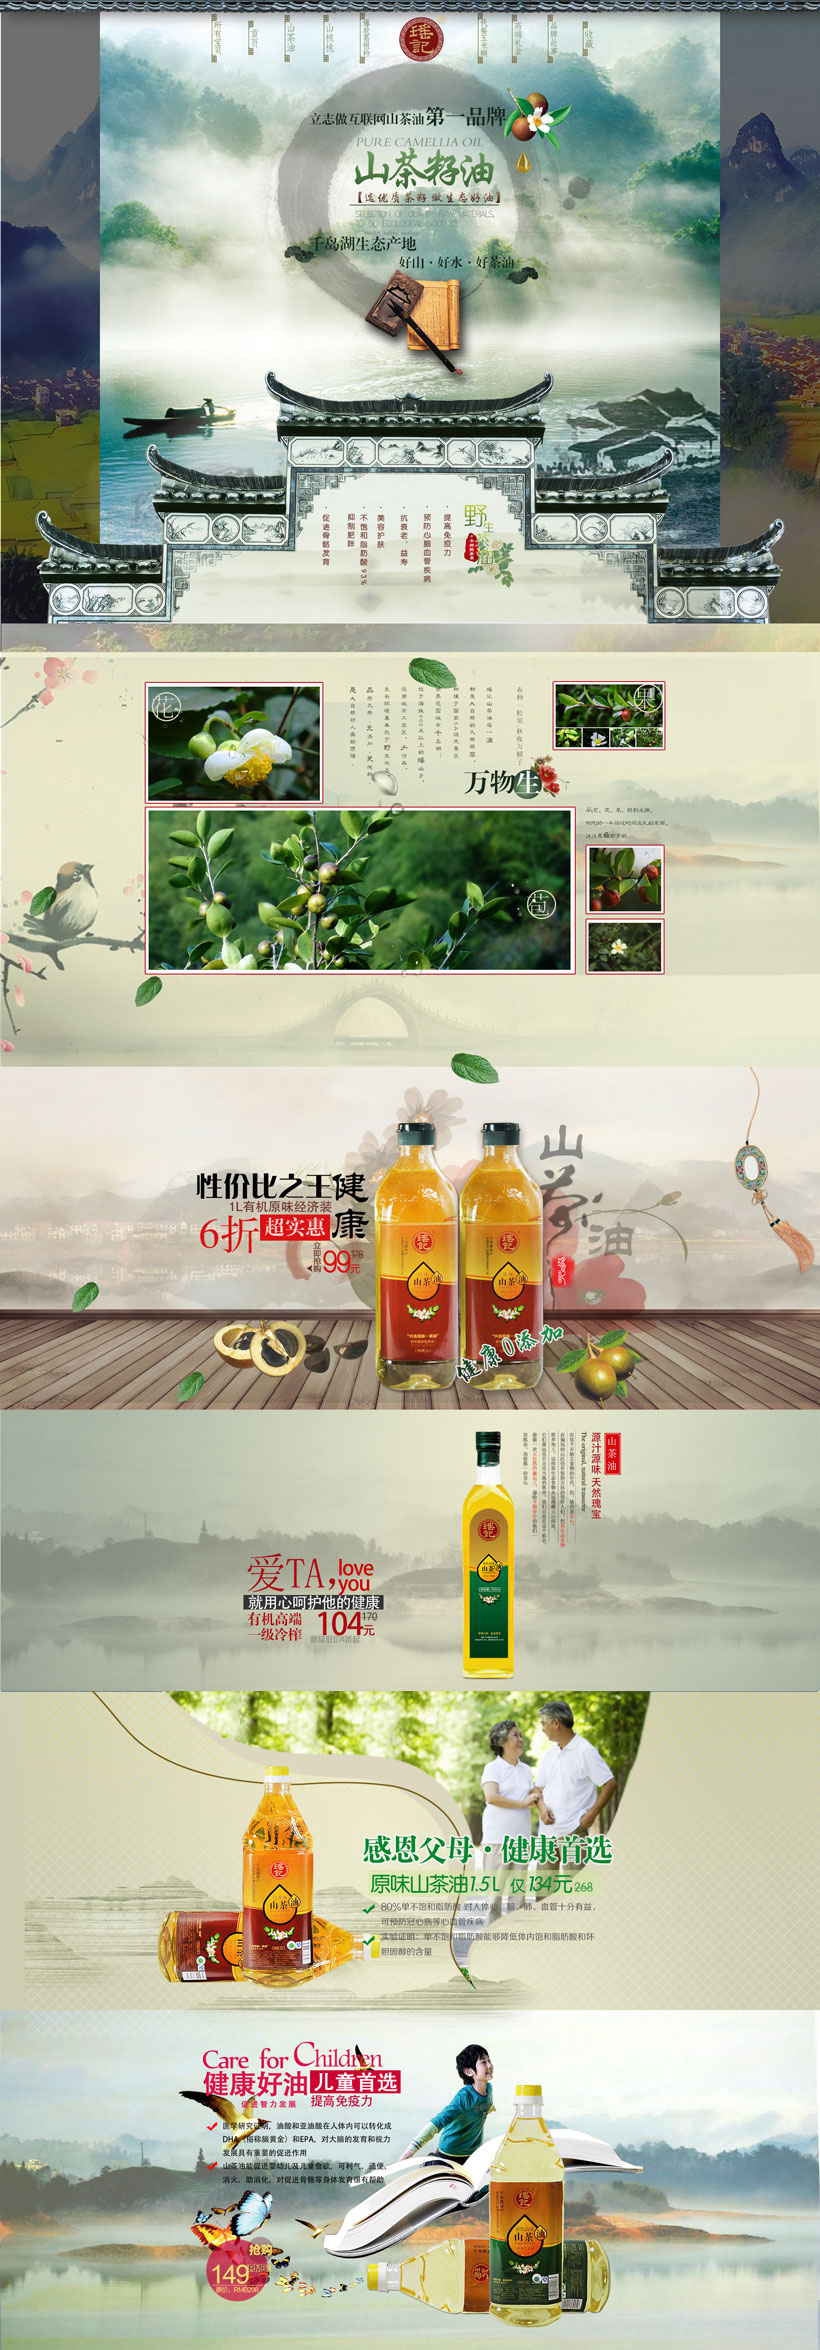 淘宝山茶籽油促销促